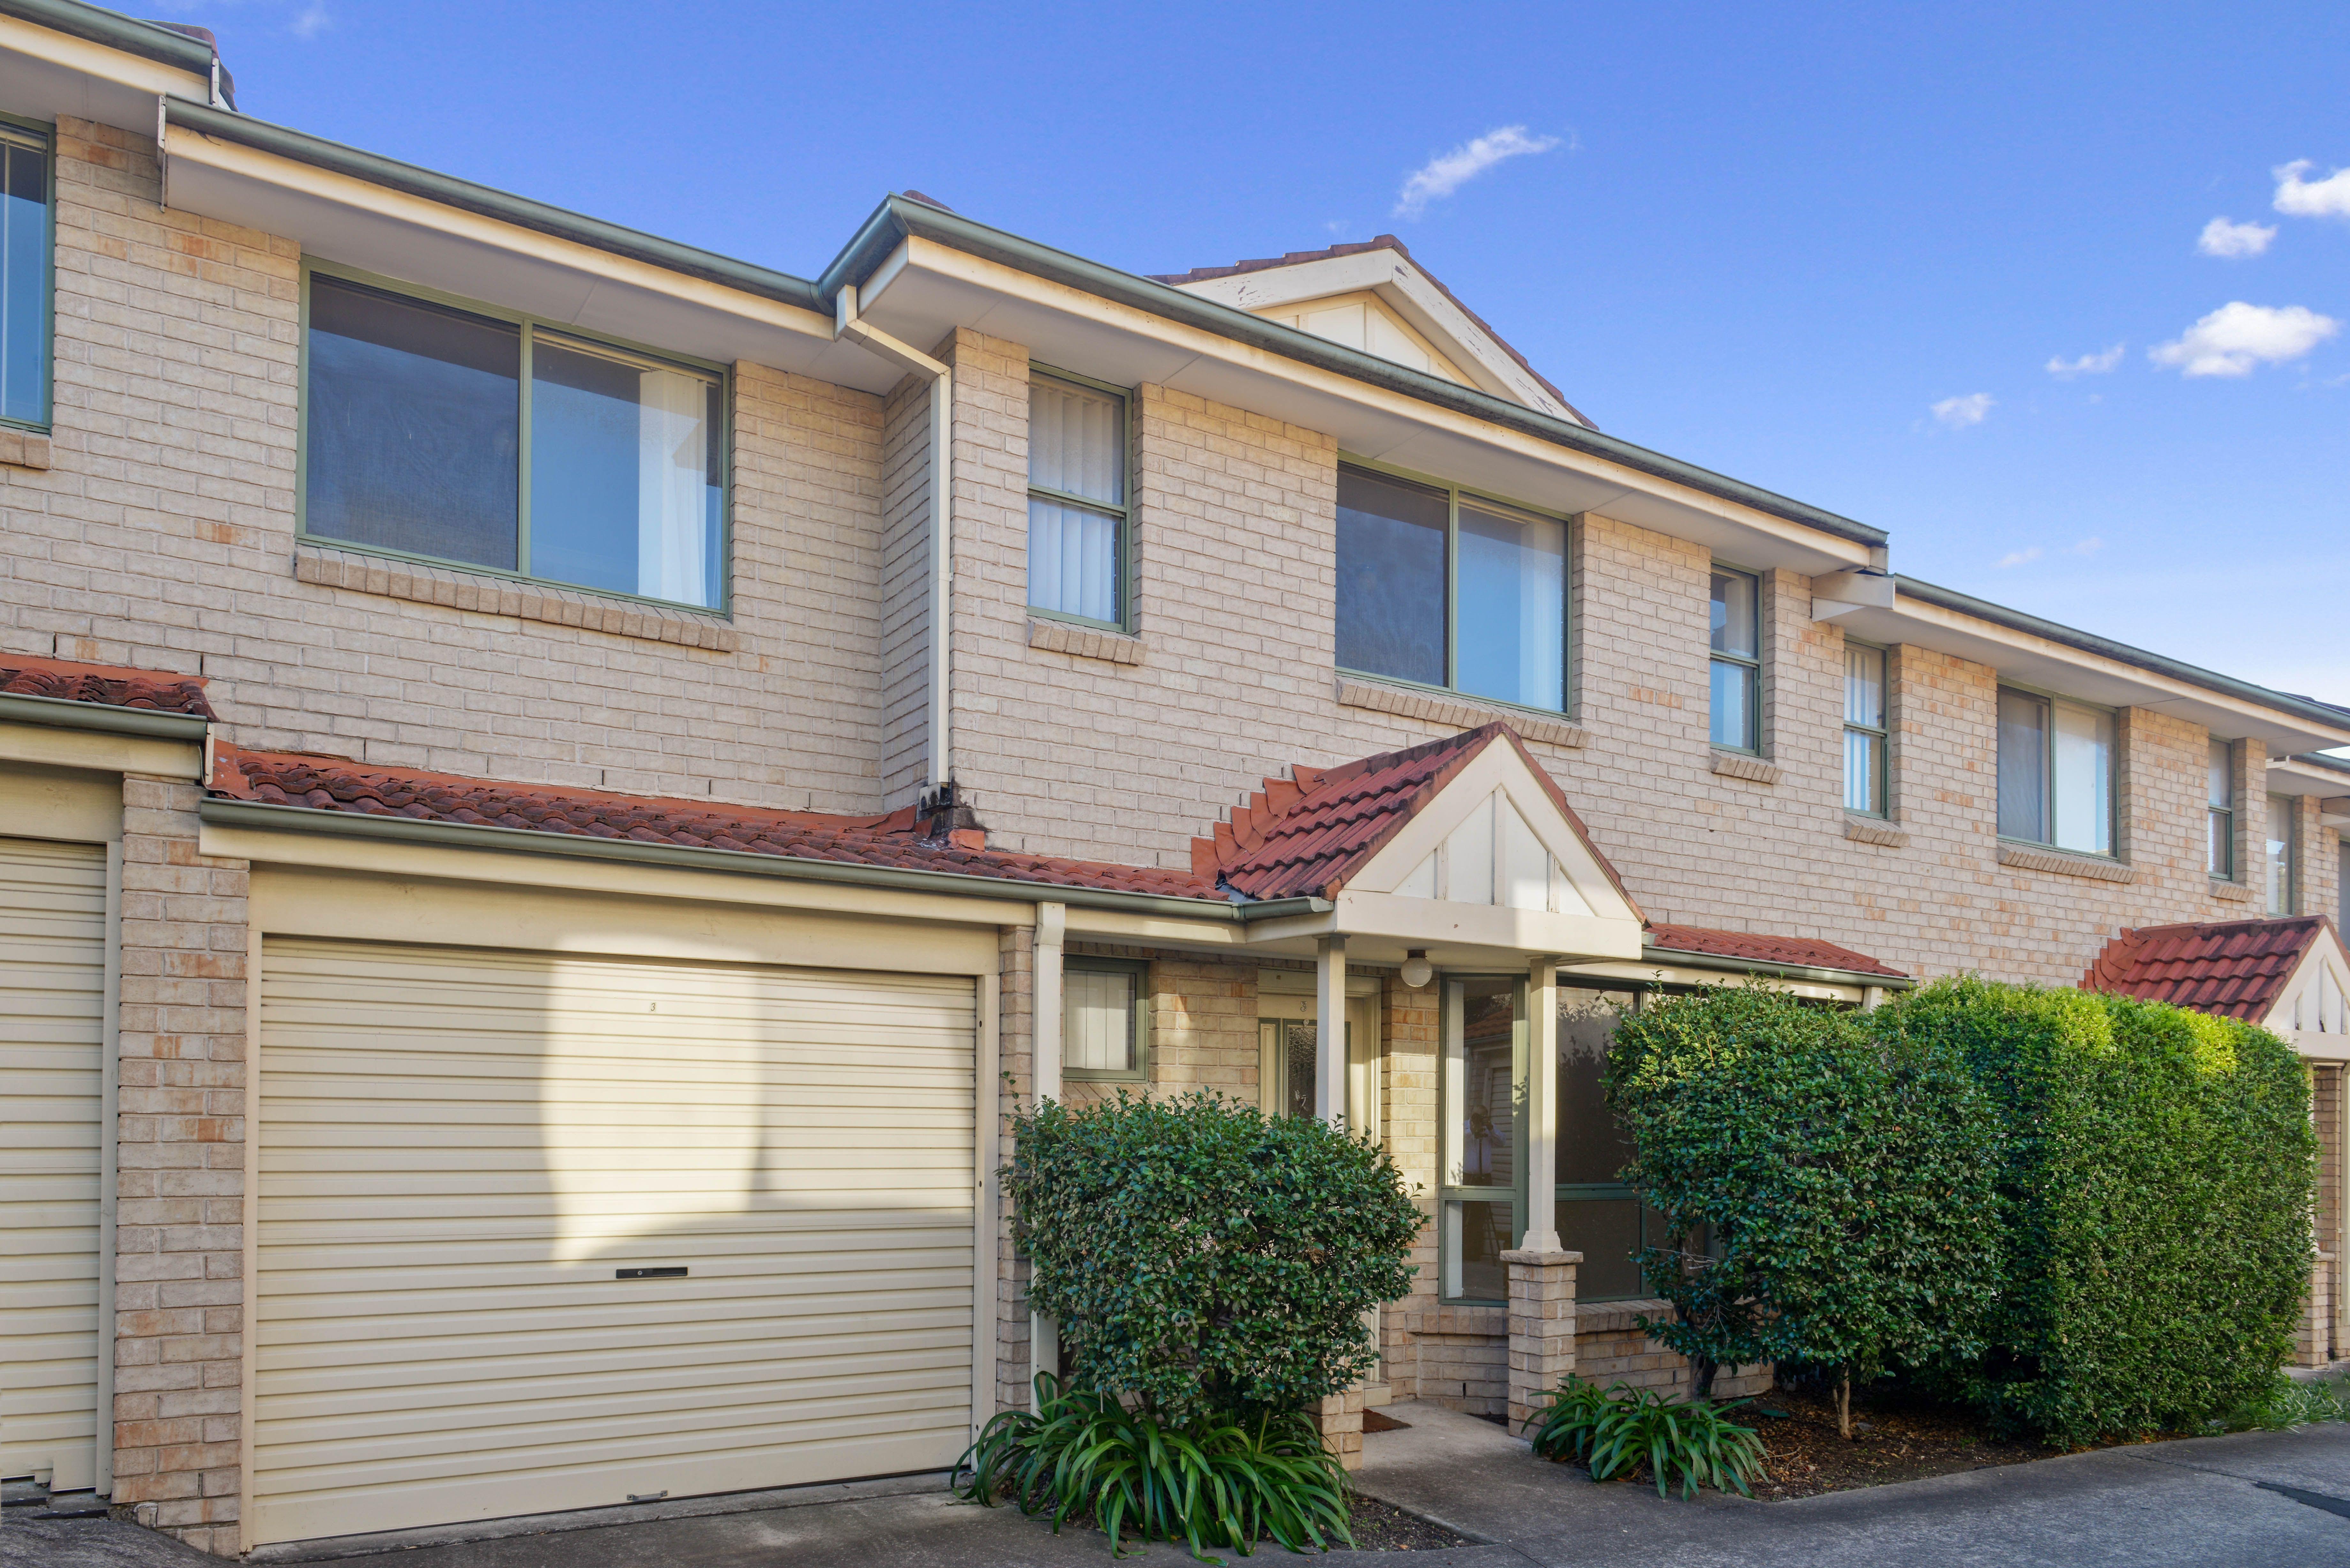 3/82-84 Carnarvon Street, Silverwater NSW 2128